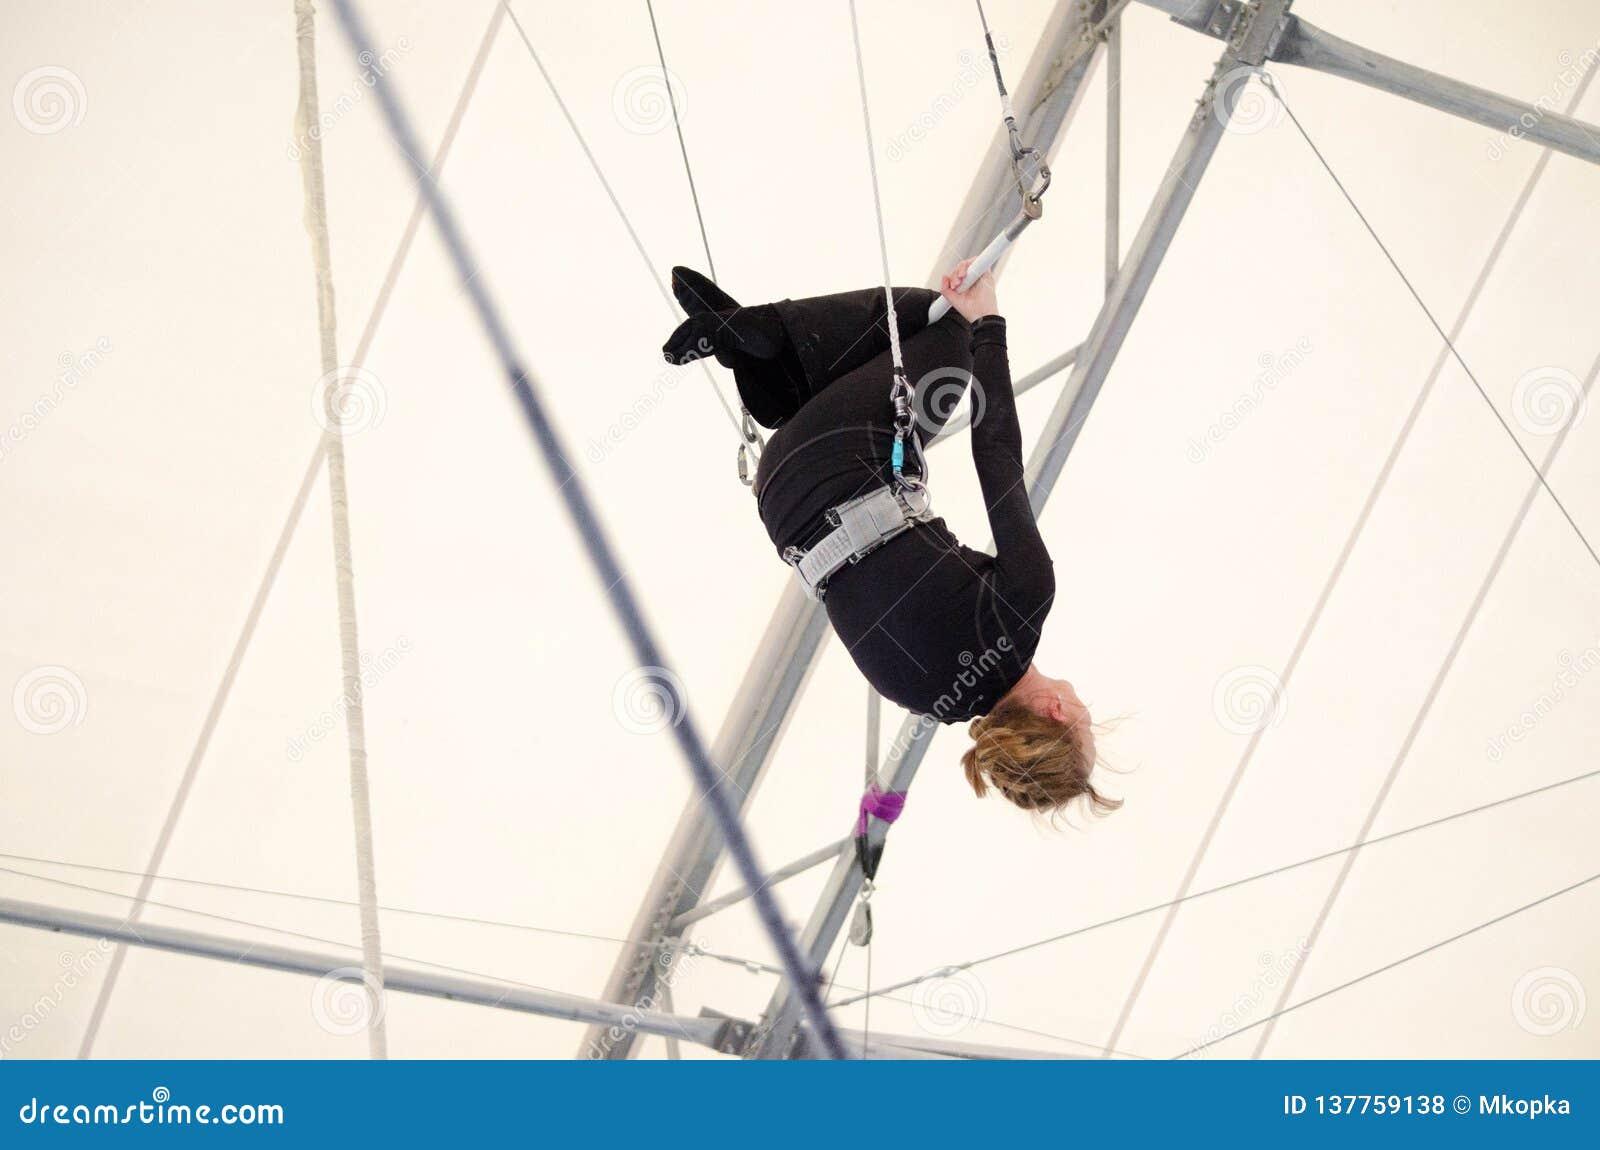 Una hembra adulta cuelga en un trapecio que vuela en un gimnasio interior La mujer es artista de trapecio aficionado